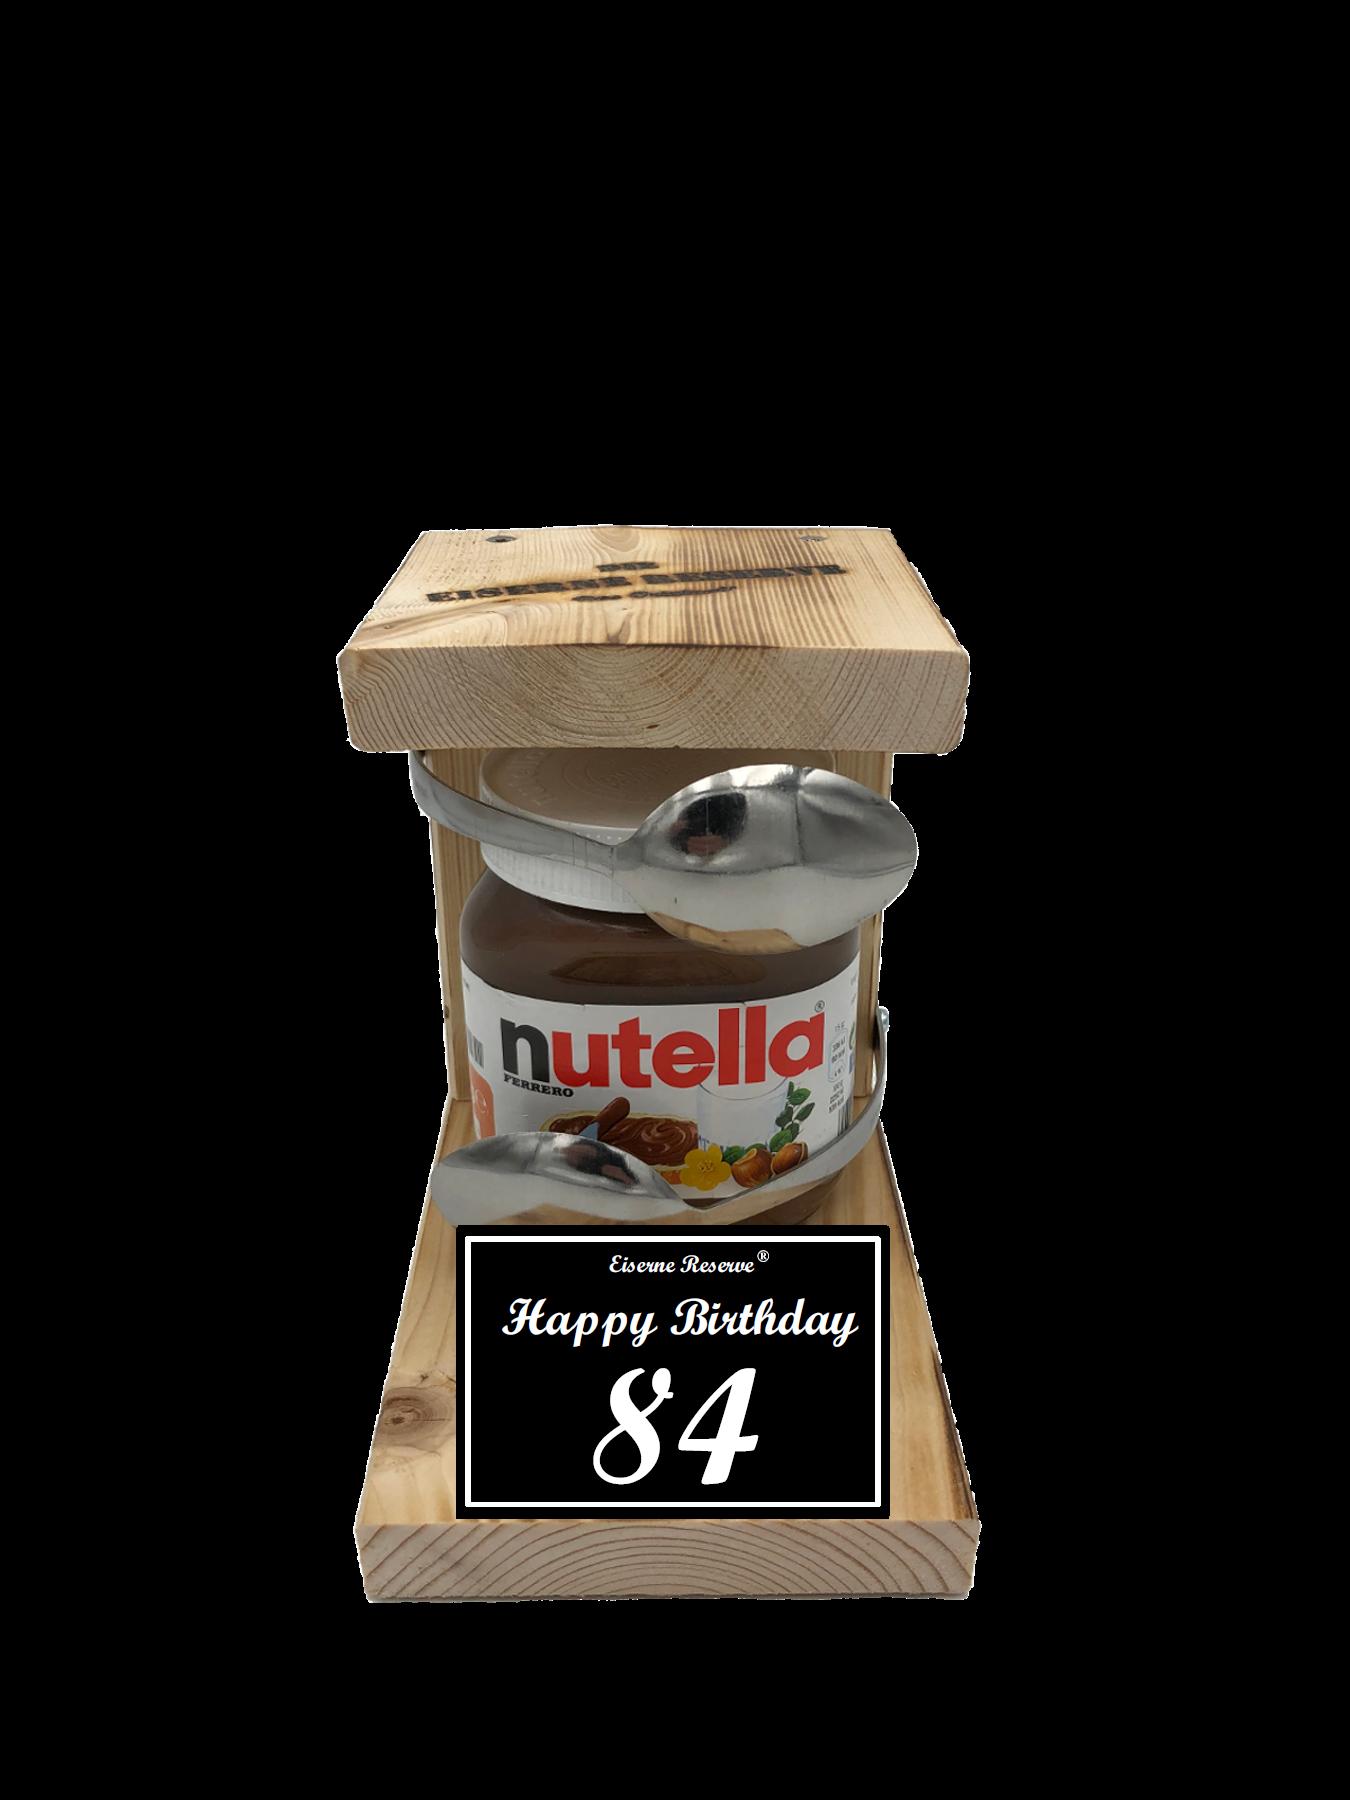 84 Happy Birthday Löffel Nutella Geschenk - Die Nutella Geschenkidee